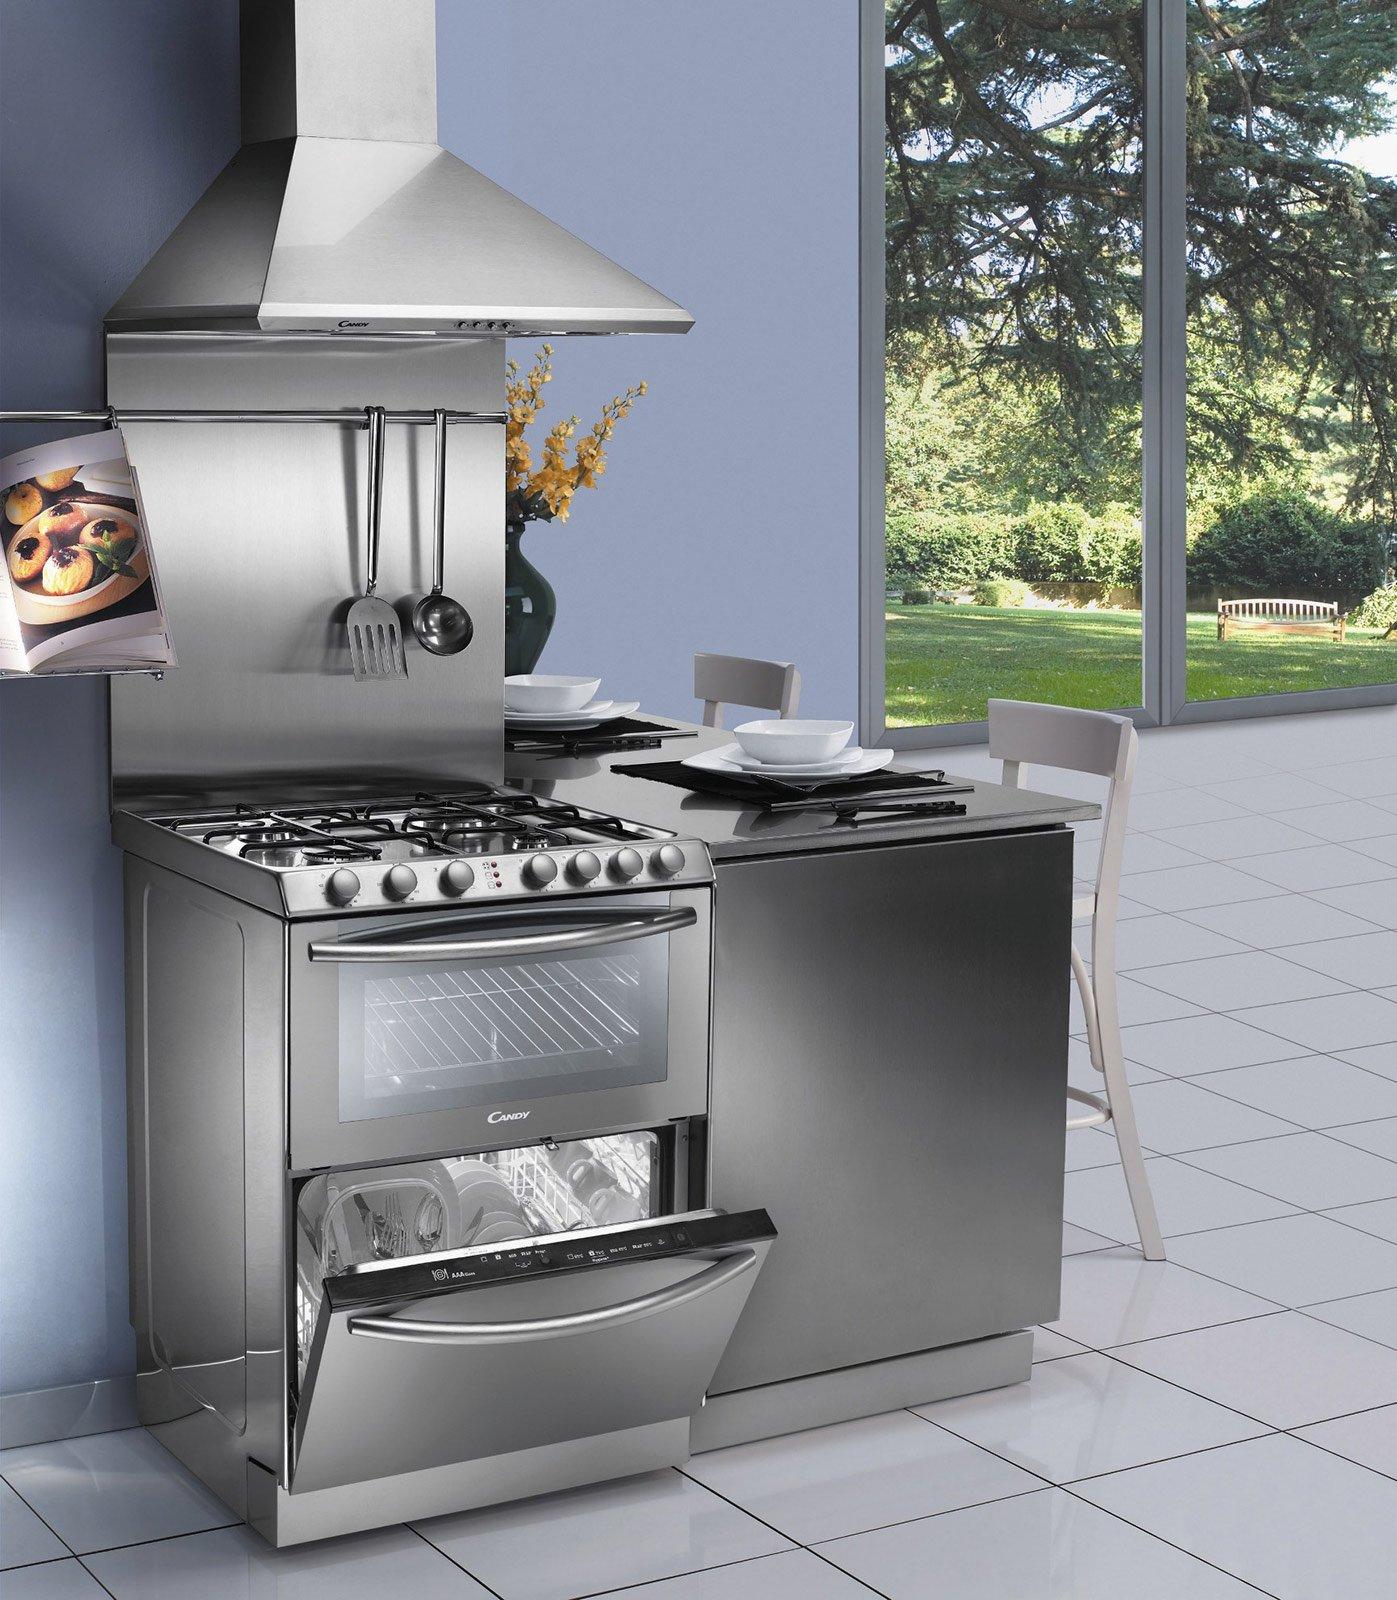 Elettrodomestici piccoli per risparmiare spazio cose di casa - Elettrodomestici cucina ...